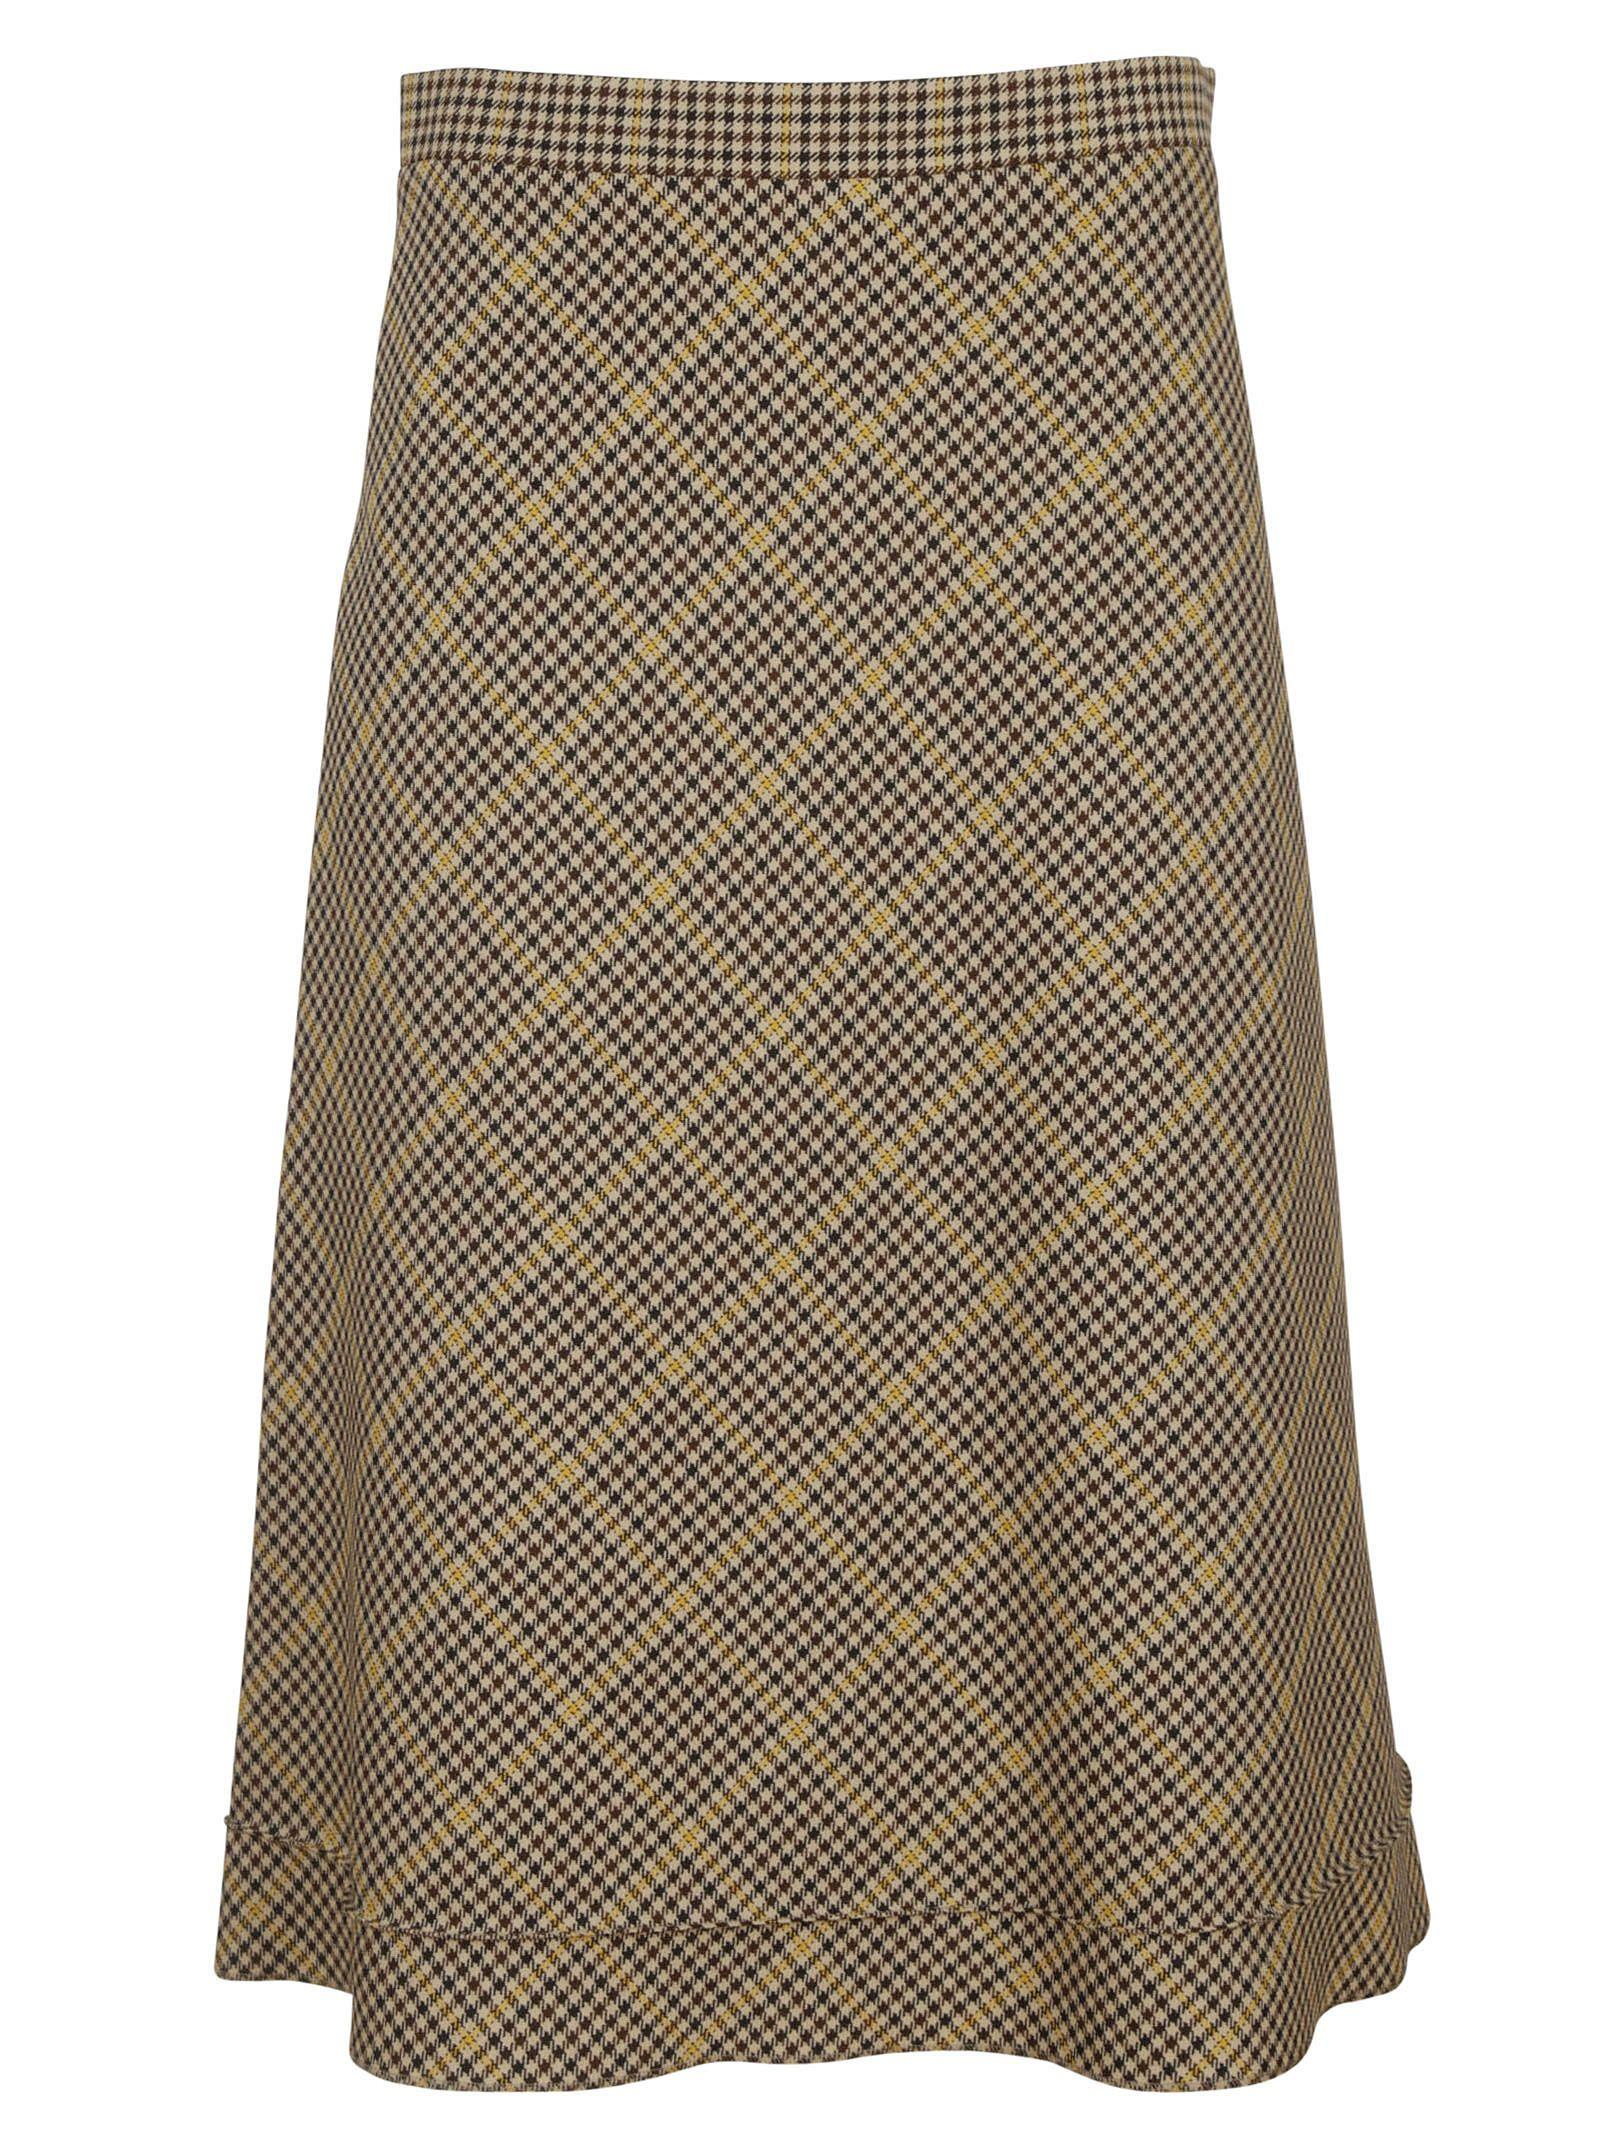 Brown Pied De Poule Flared Skirt - Balenciaga - Circus